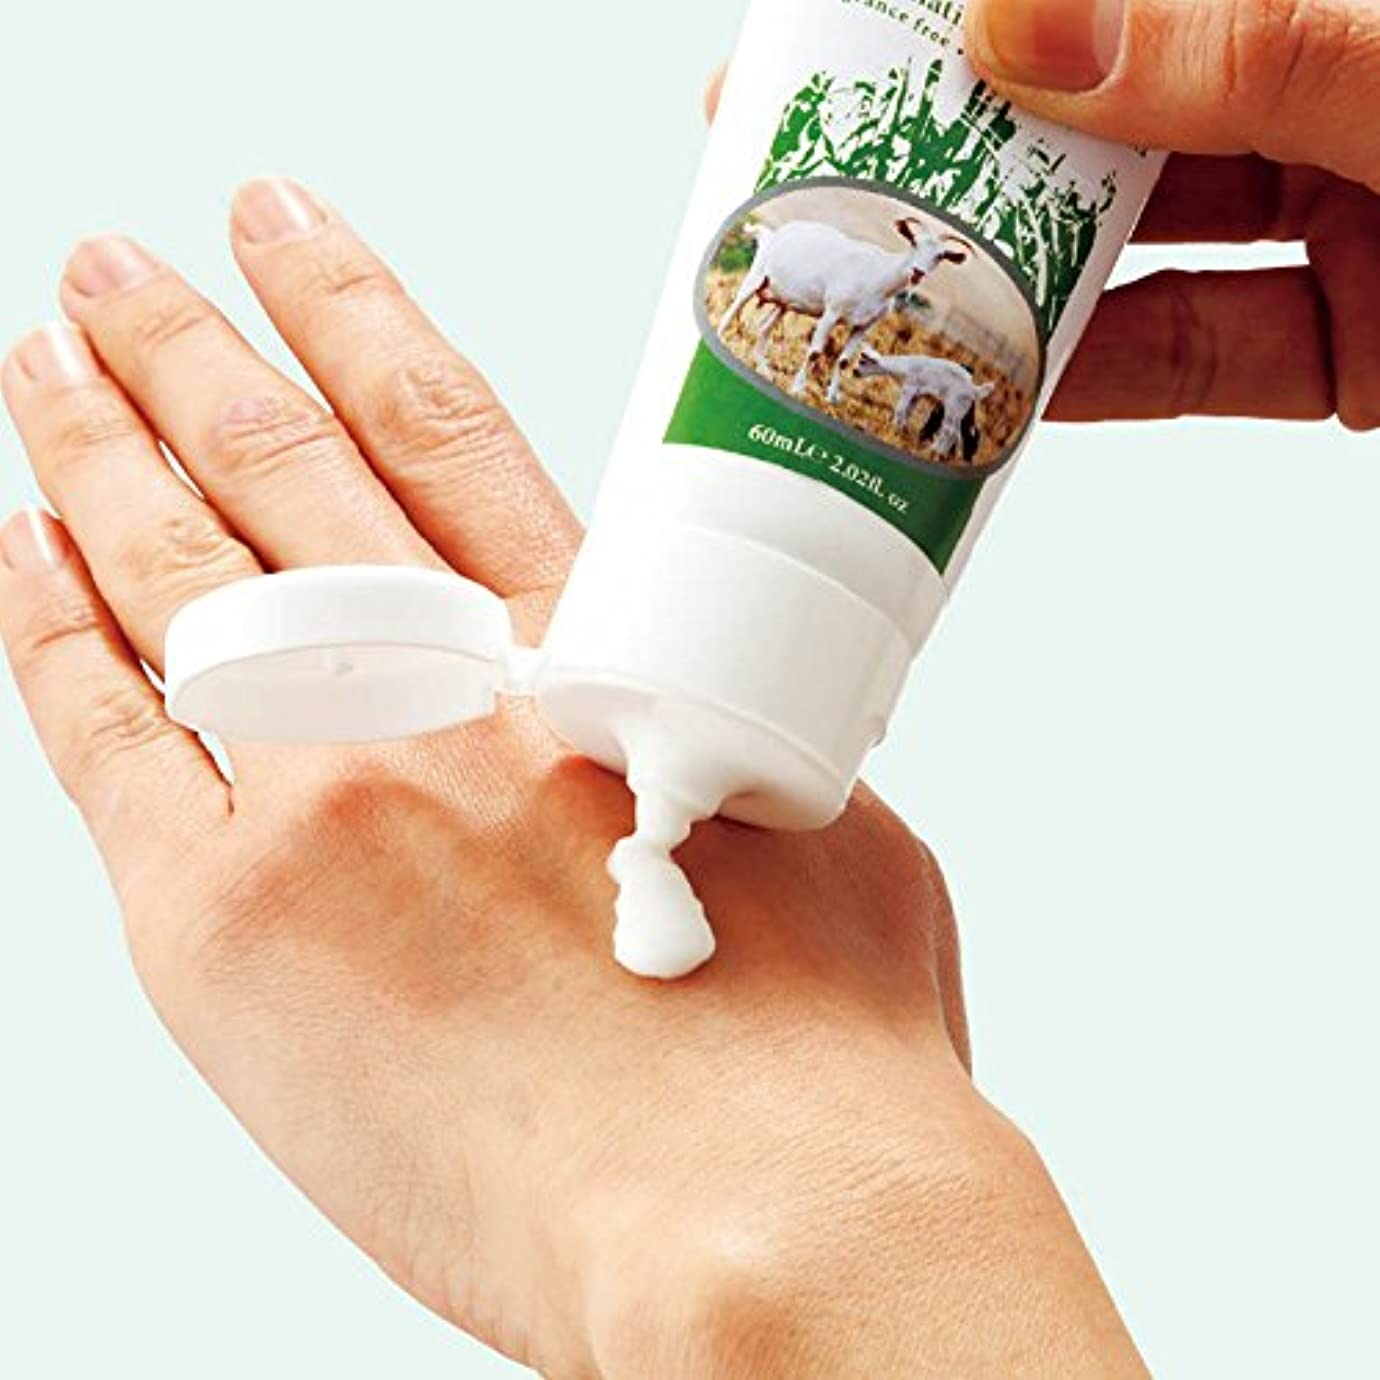 アノイ奨励します貫入オーストラリア 土産 ティリー ゴートミルク ハンドクリーム 3本セット (海外旅行 オーストラリア お土産)